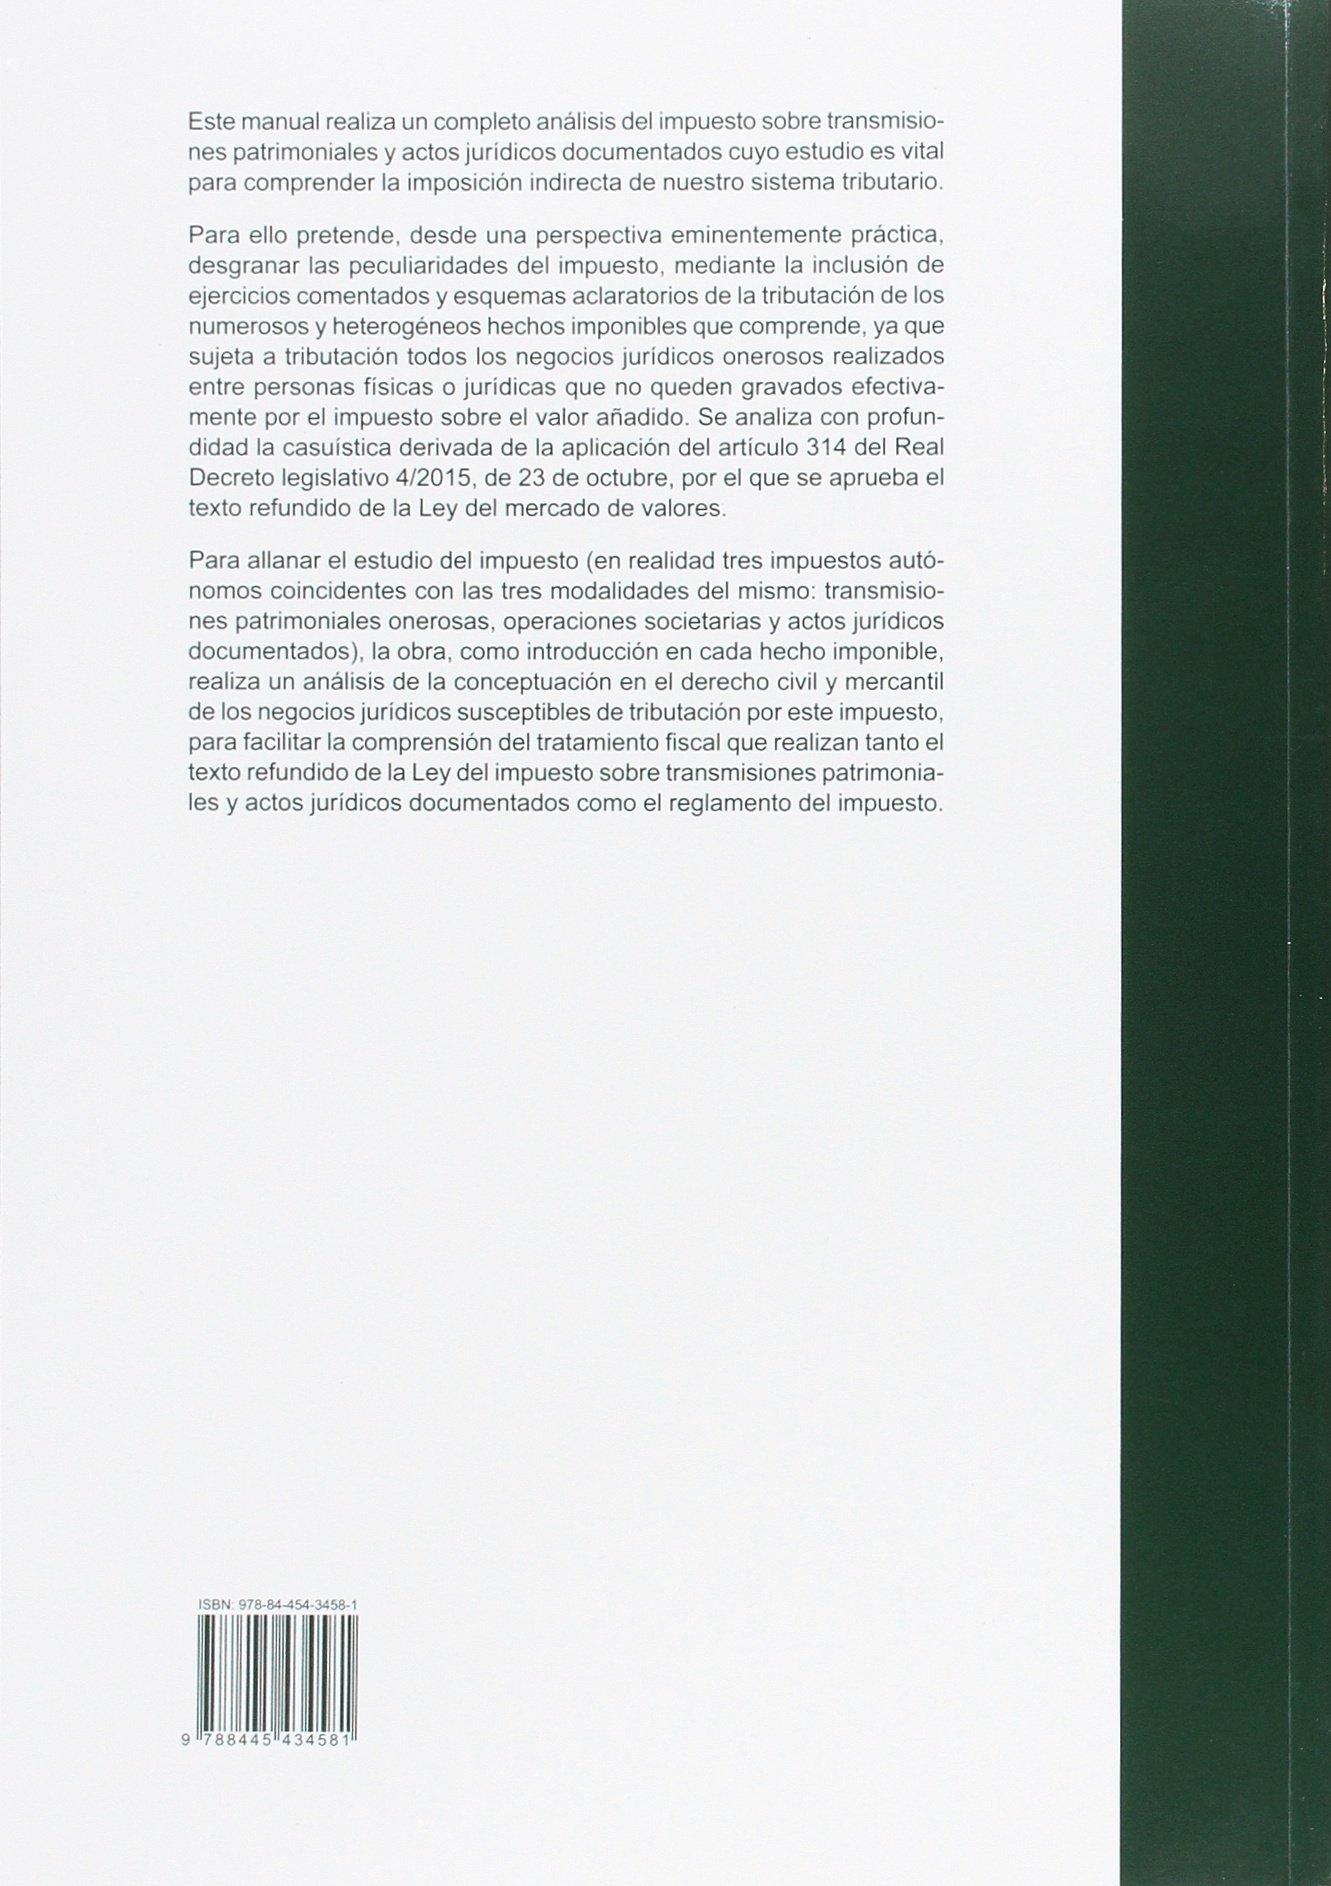 IMPUESTO SOBRE TRANSMISIONES PATRIMONIALES Y ACTOS JURIDICOS DOCUMENTADOS. COMENTARIOS Y CASOS PRÁCTICOS. 2017: Amazon.es: OSCAR ALCALDE BARRERO: Libros